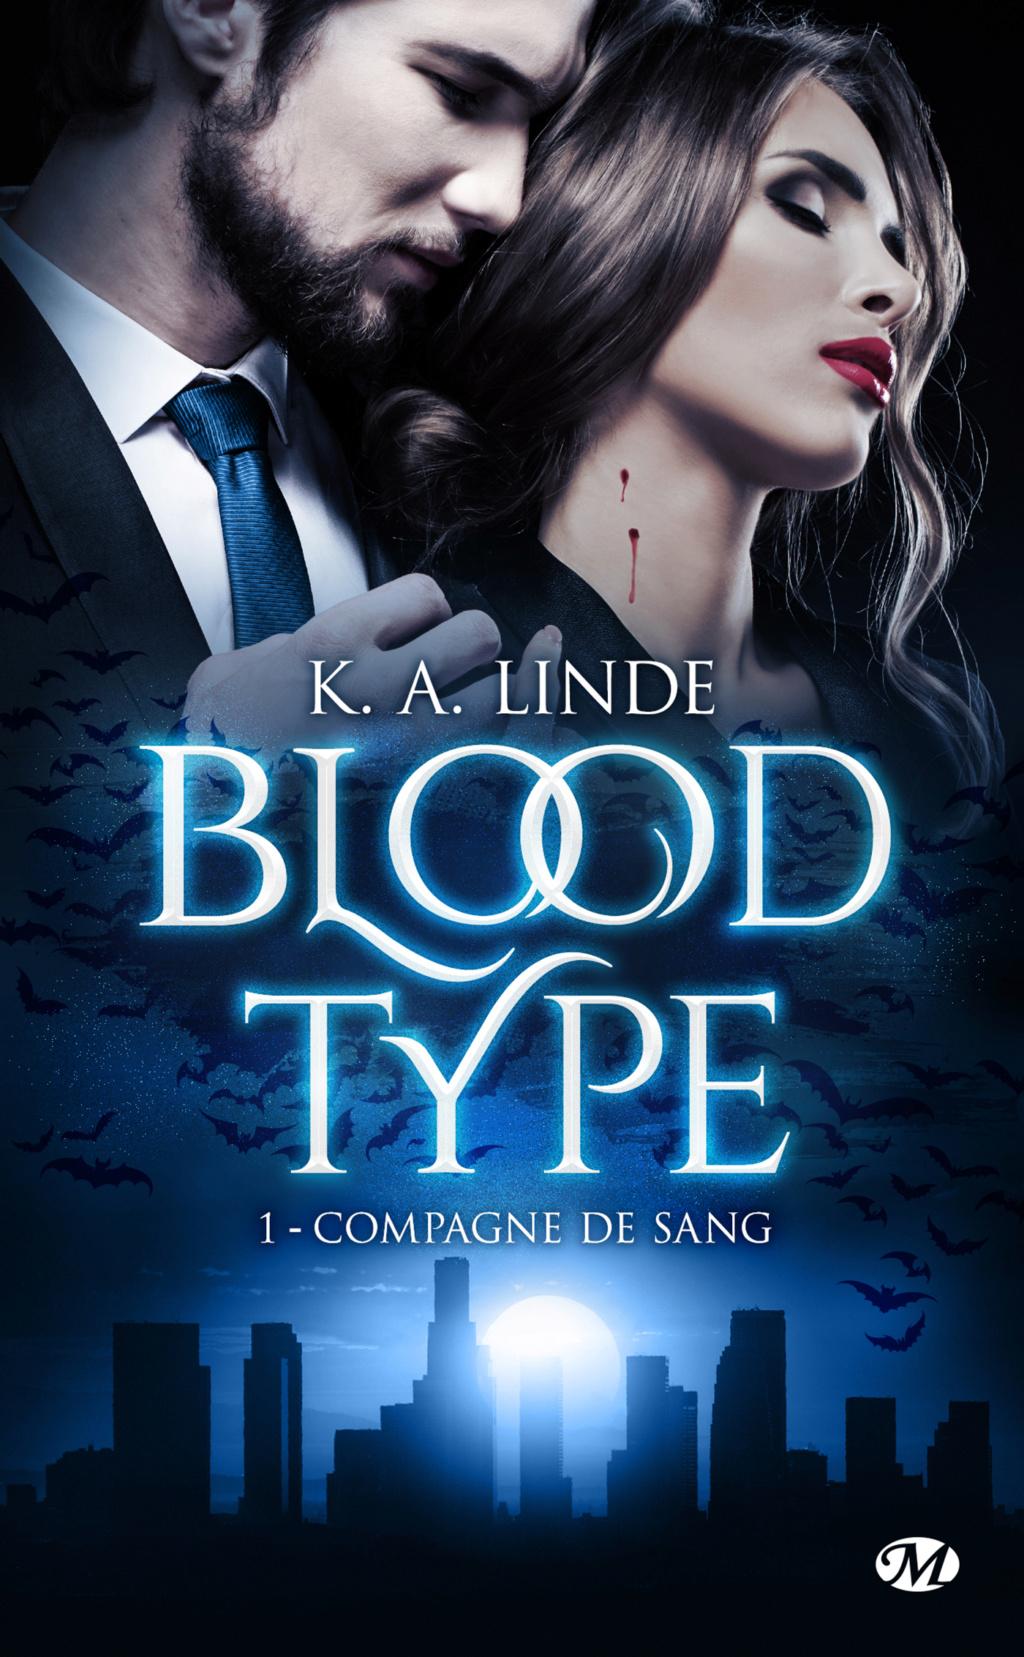 Blood Type - Tome 1 : Compagne de sang de K. A. Linde Blood-10